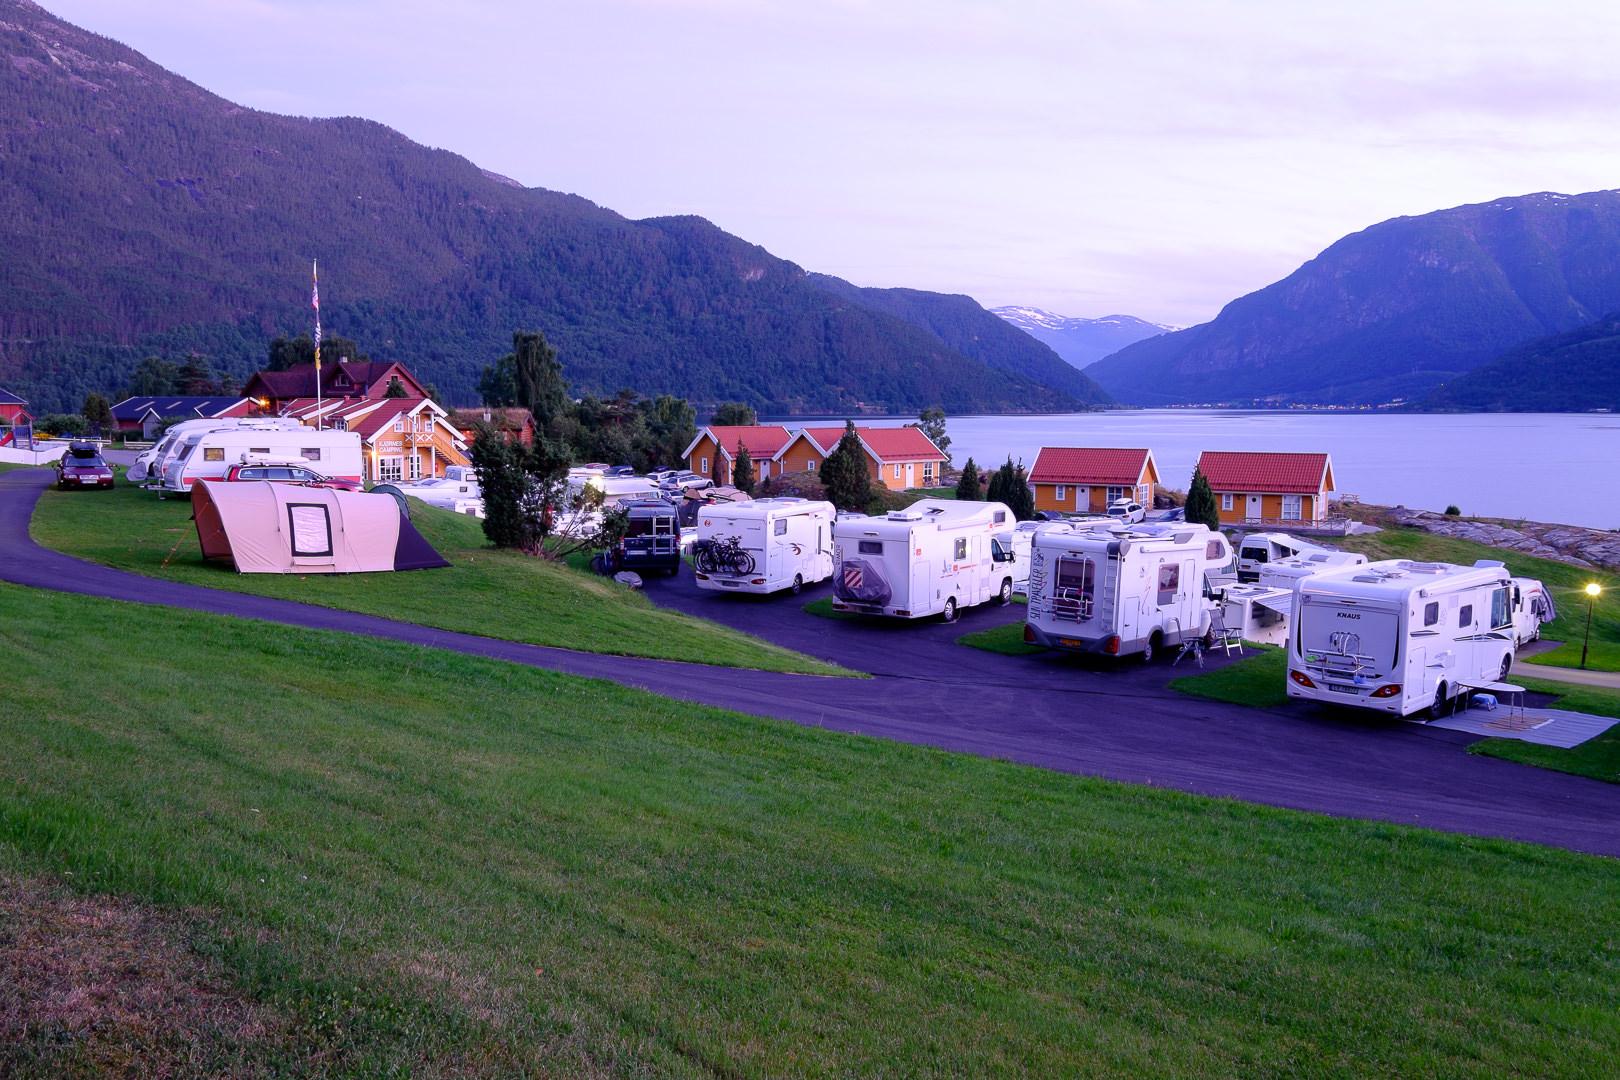 DSCF2804 Kamper czyli jak rodziła się nasza fascynacja Lato 2016 Norwegia